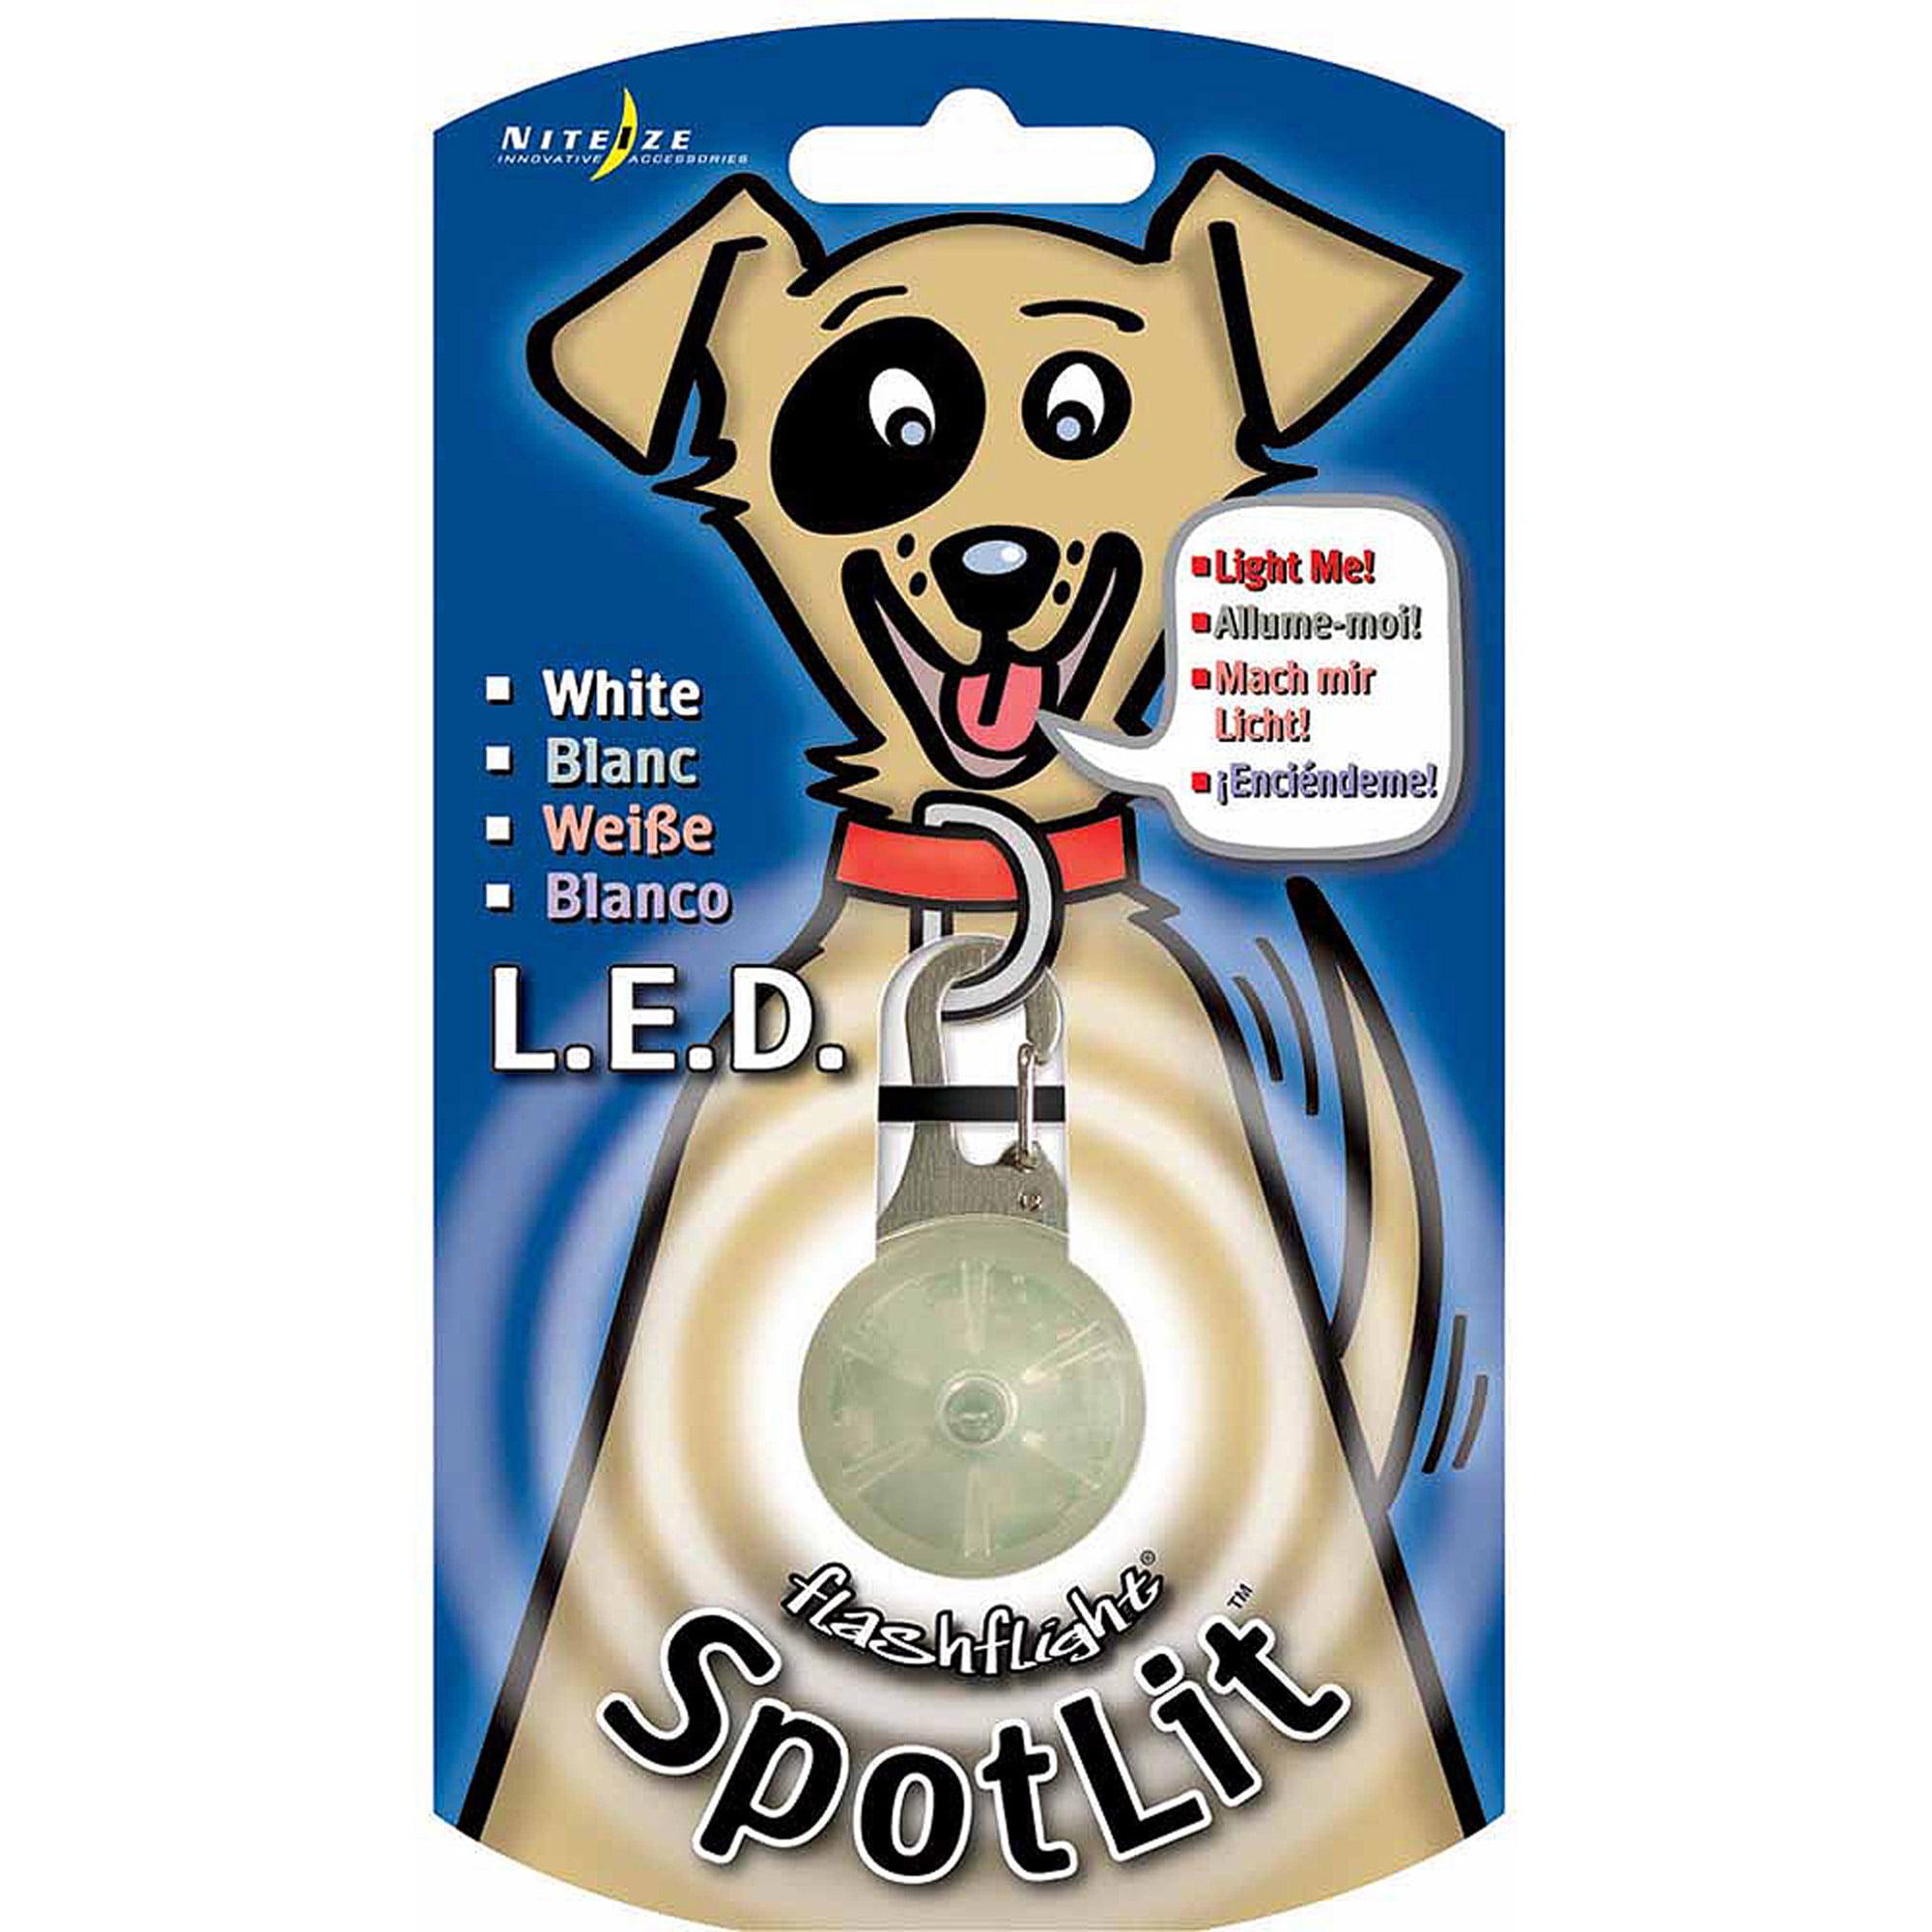 SpotLit LED Carabiner Light